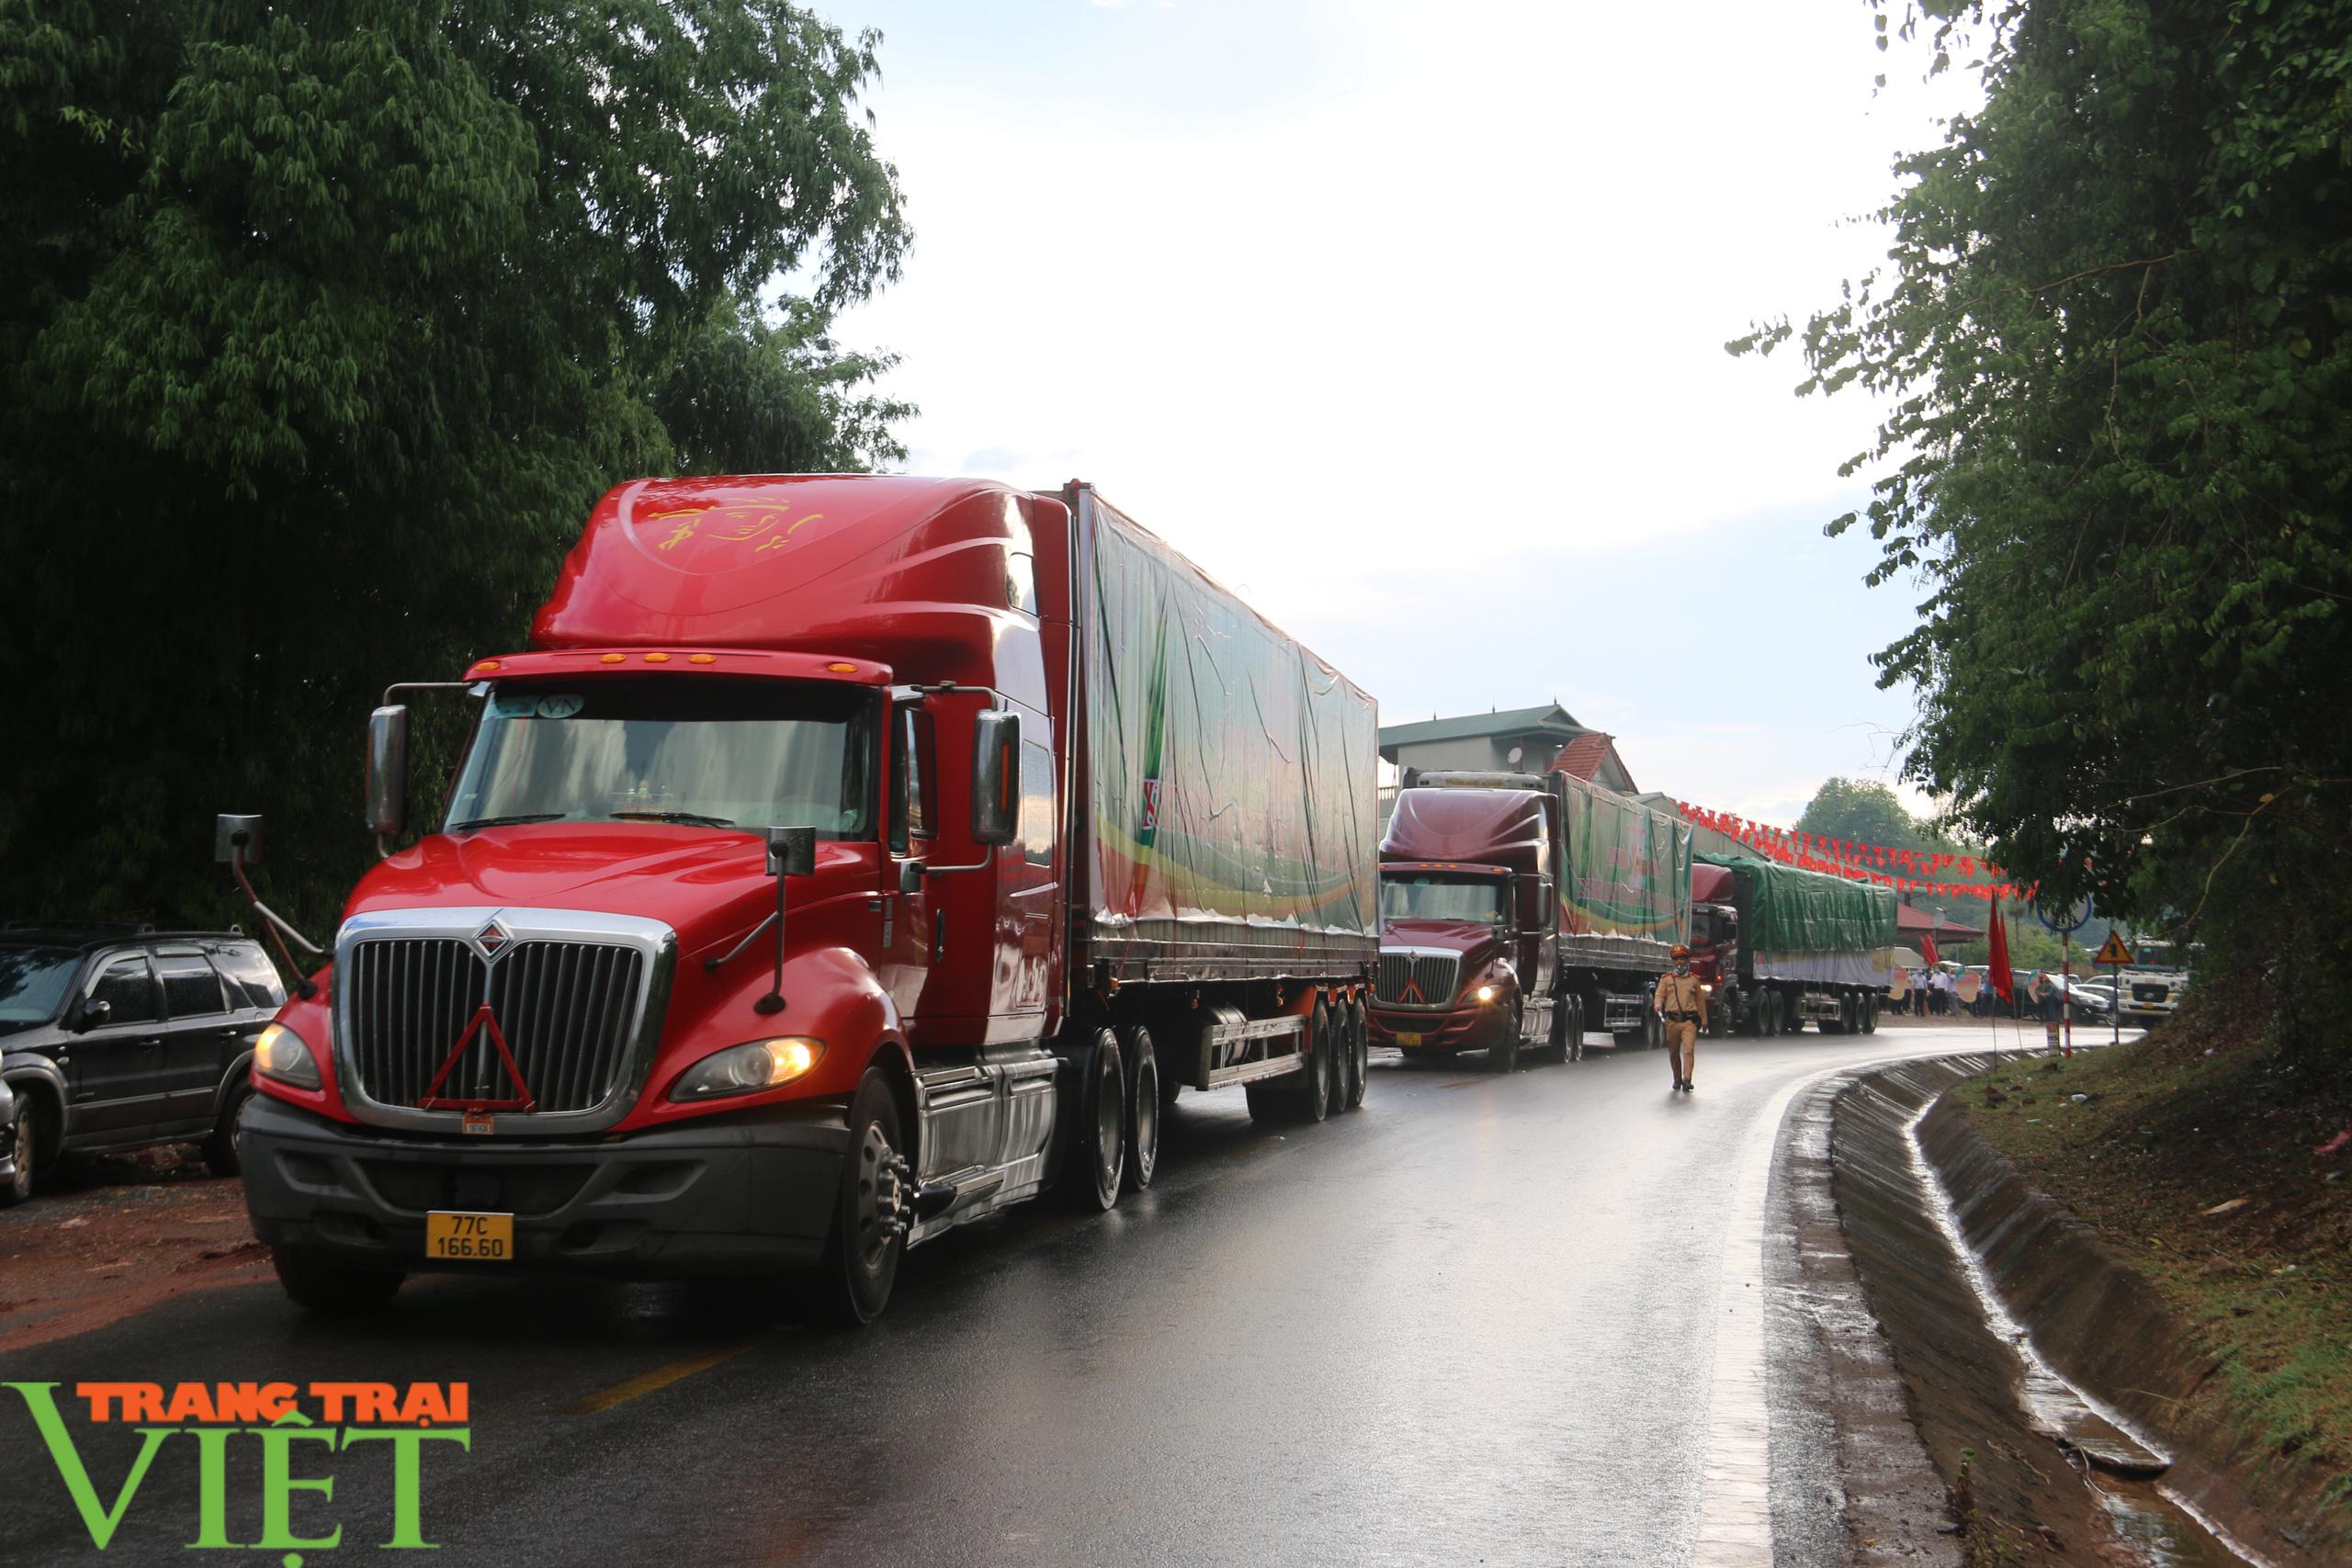 Sơn La: Bàn giao xoài theo thoả thuận tiêu thụ cho các đơn vị chế biến, xuất khẩu - Ảnh 7.